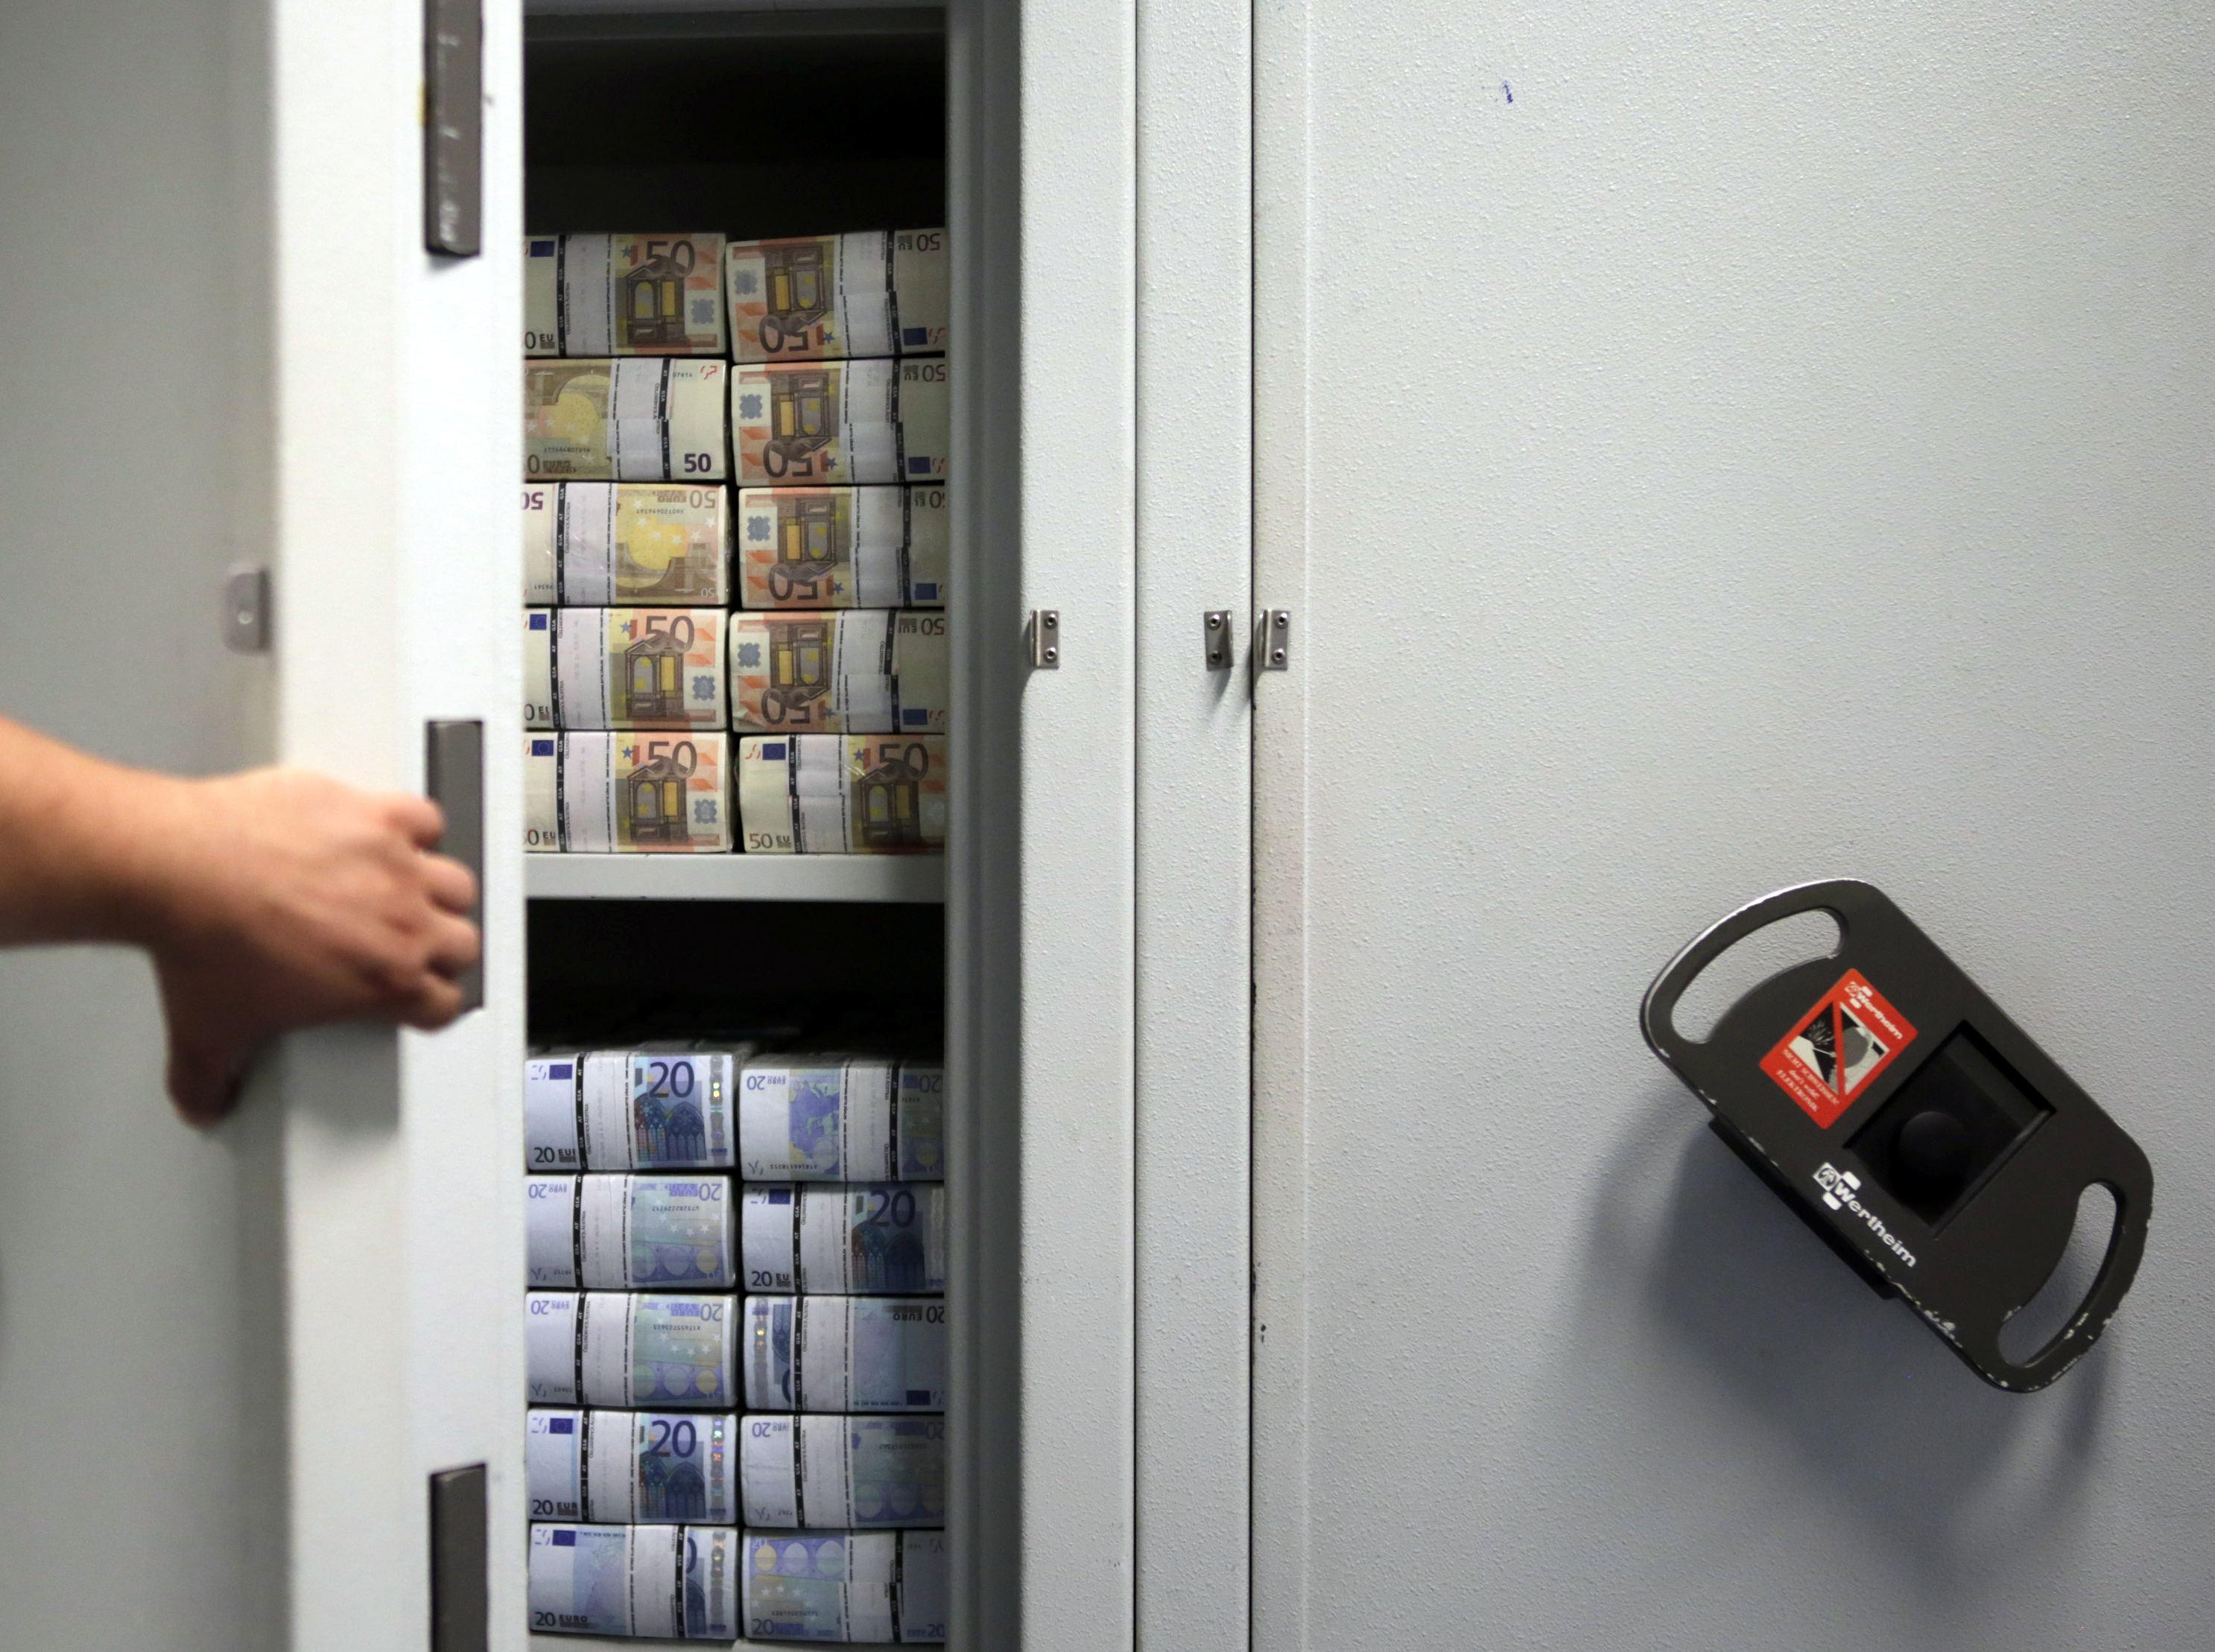 Τα επόμενα βήματα των τραπεζών μετά τα stress tests   tovima.gr